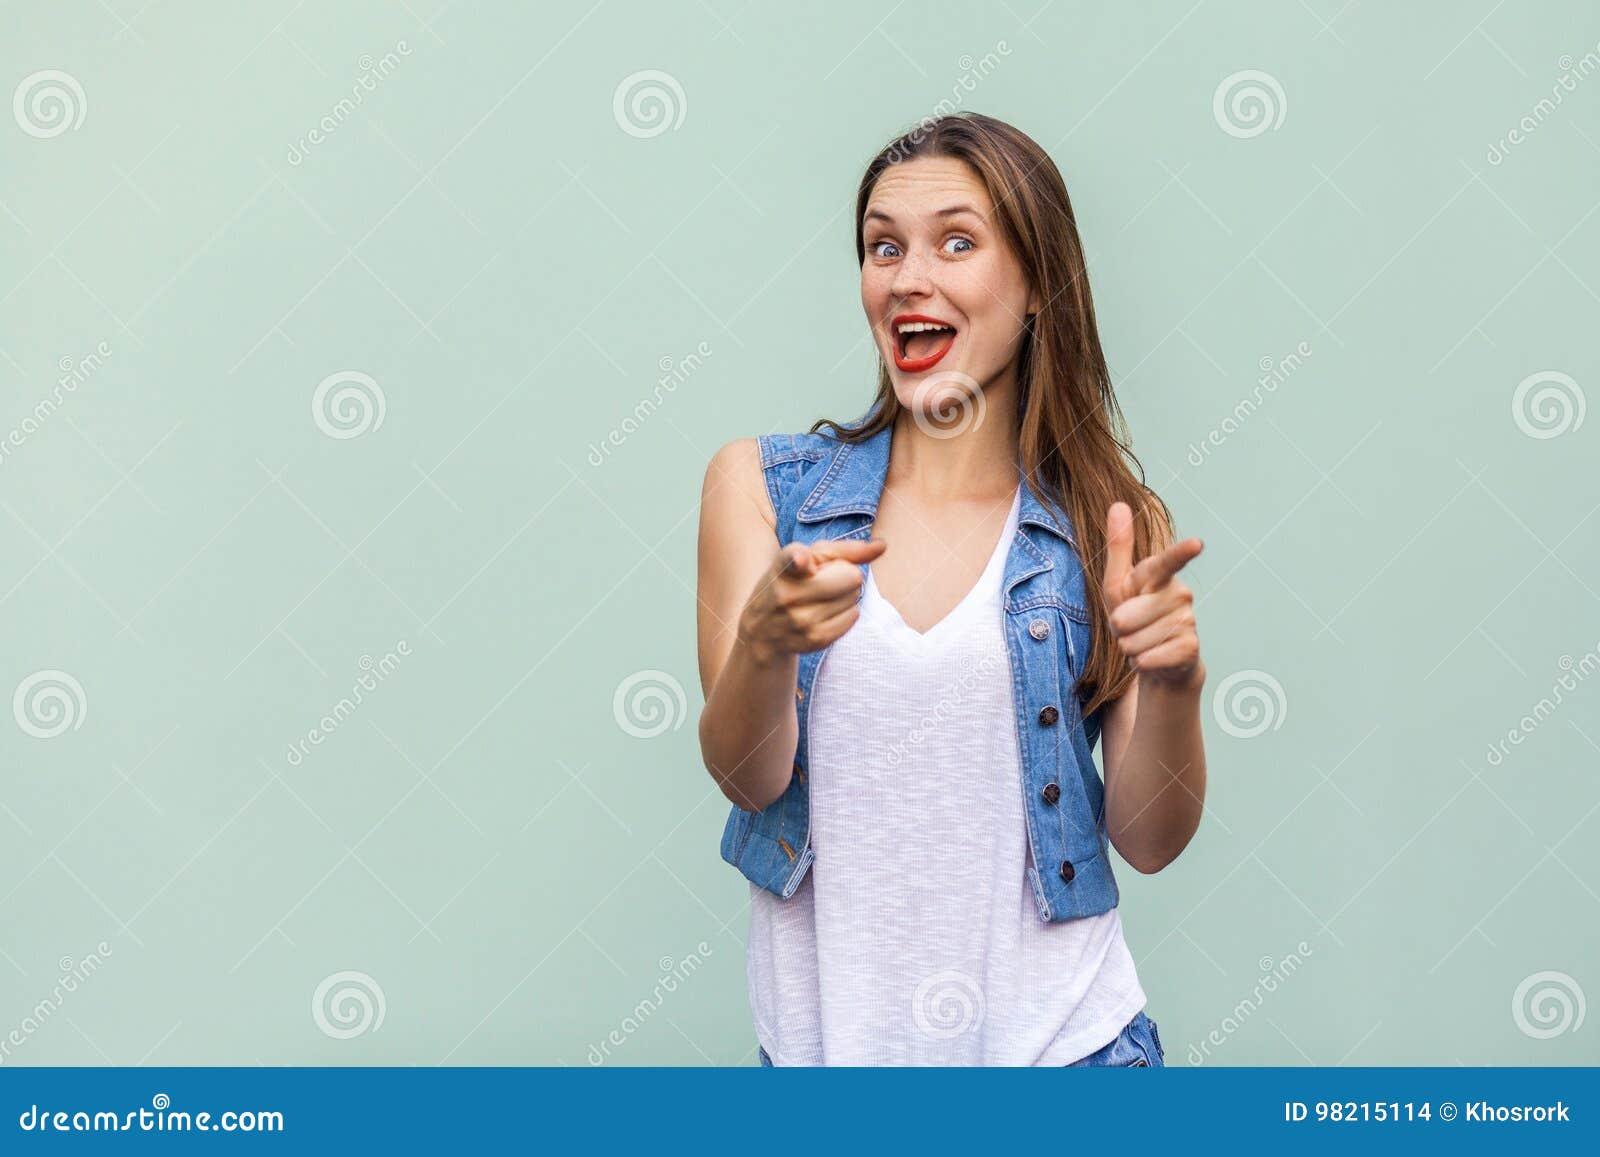 Gelukkige vrolijke tiener die met sproeten, toevallig stijl wit t-shirt en jeansjasje camera bekijken